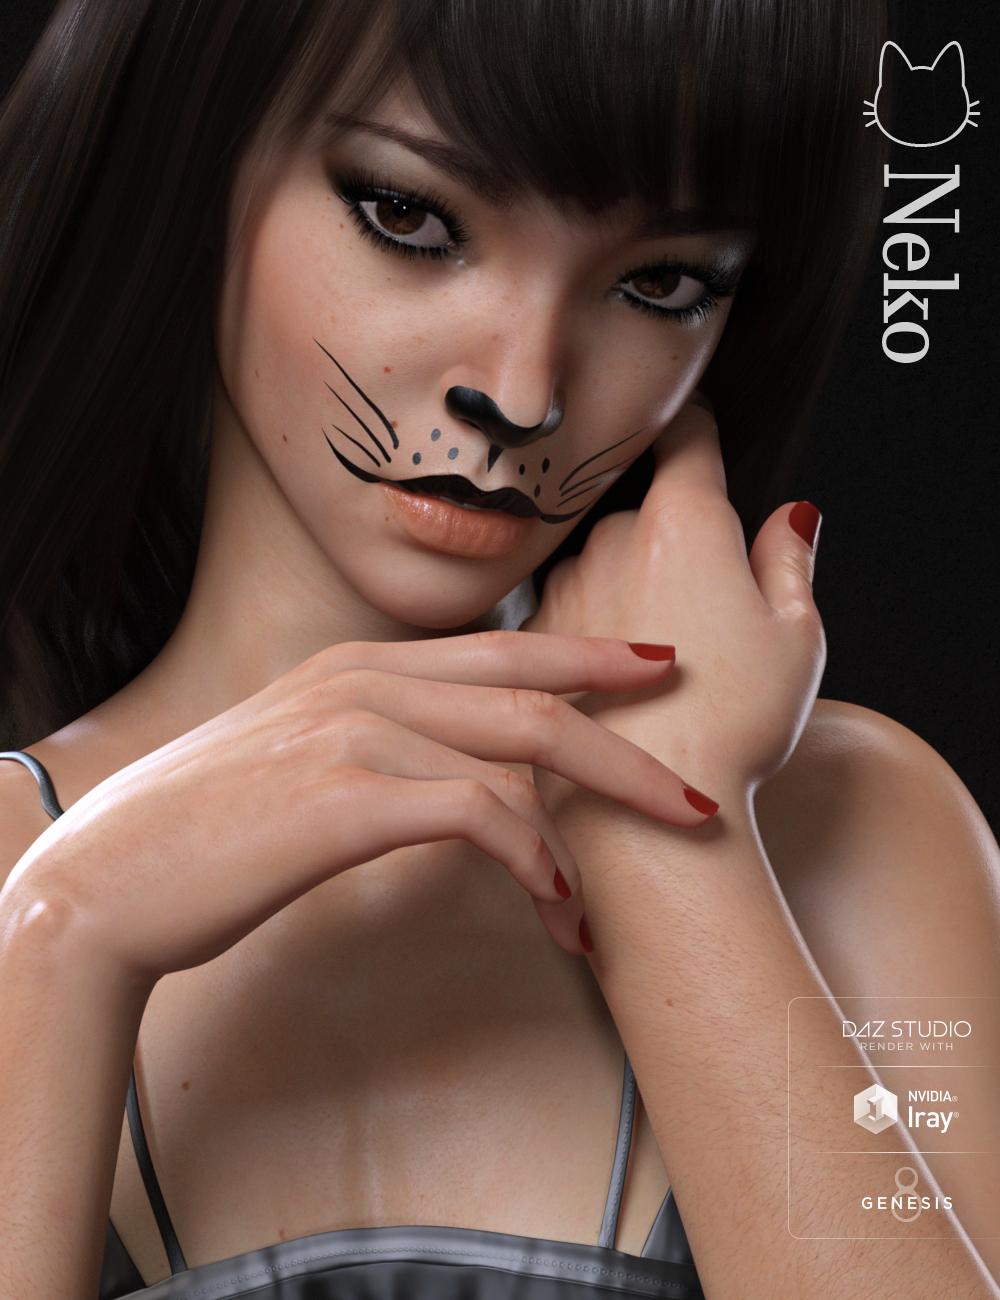 Neko HD for Genesis 8 Female by: Raiya, 3D Models by Daz 3D